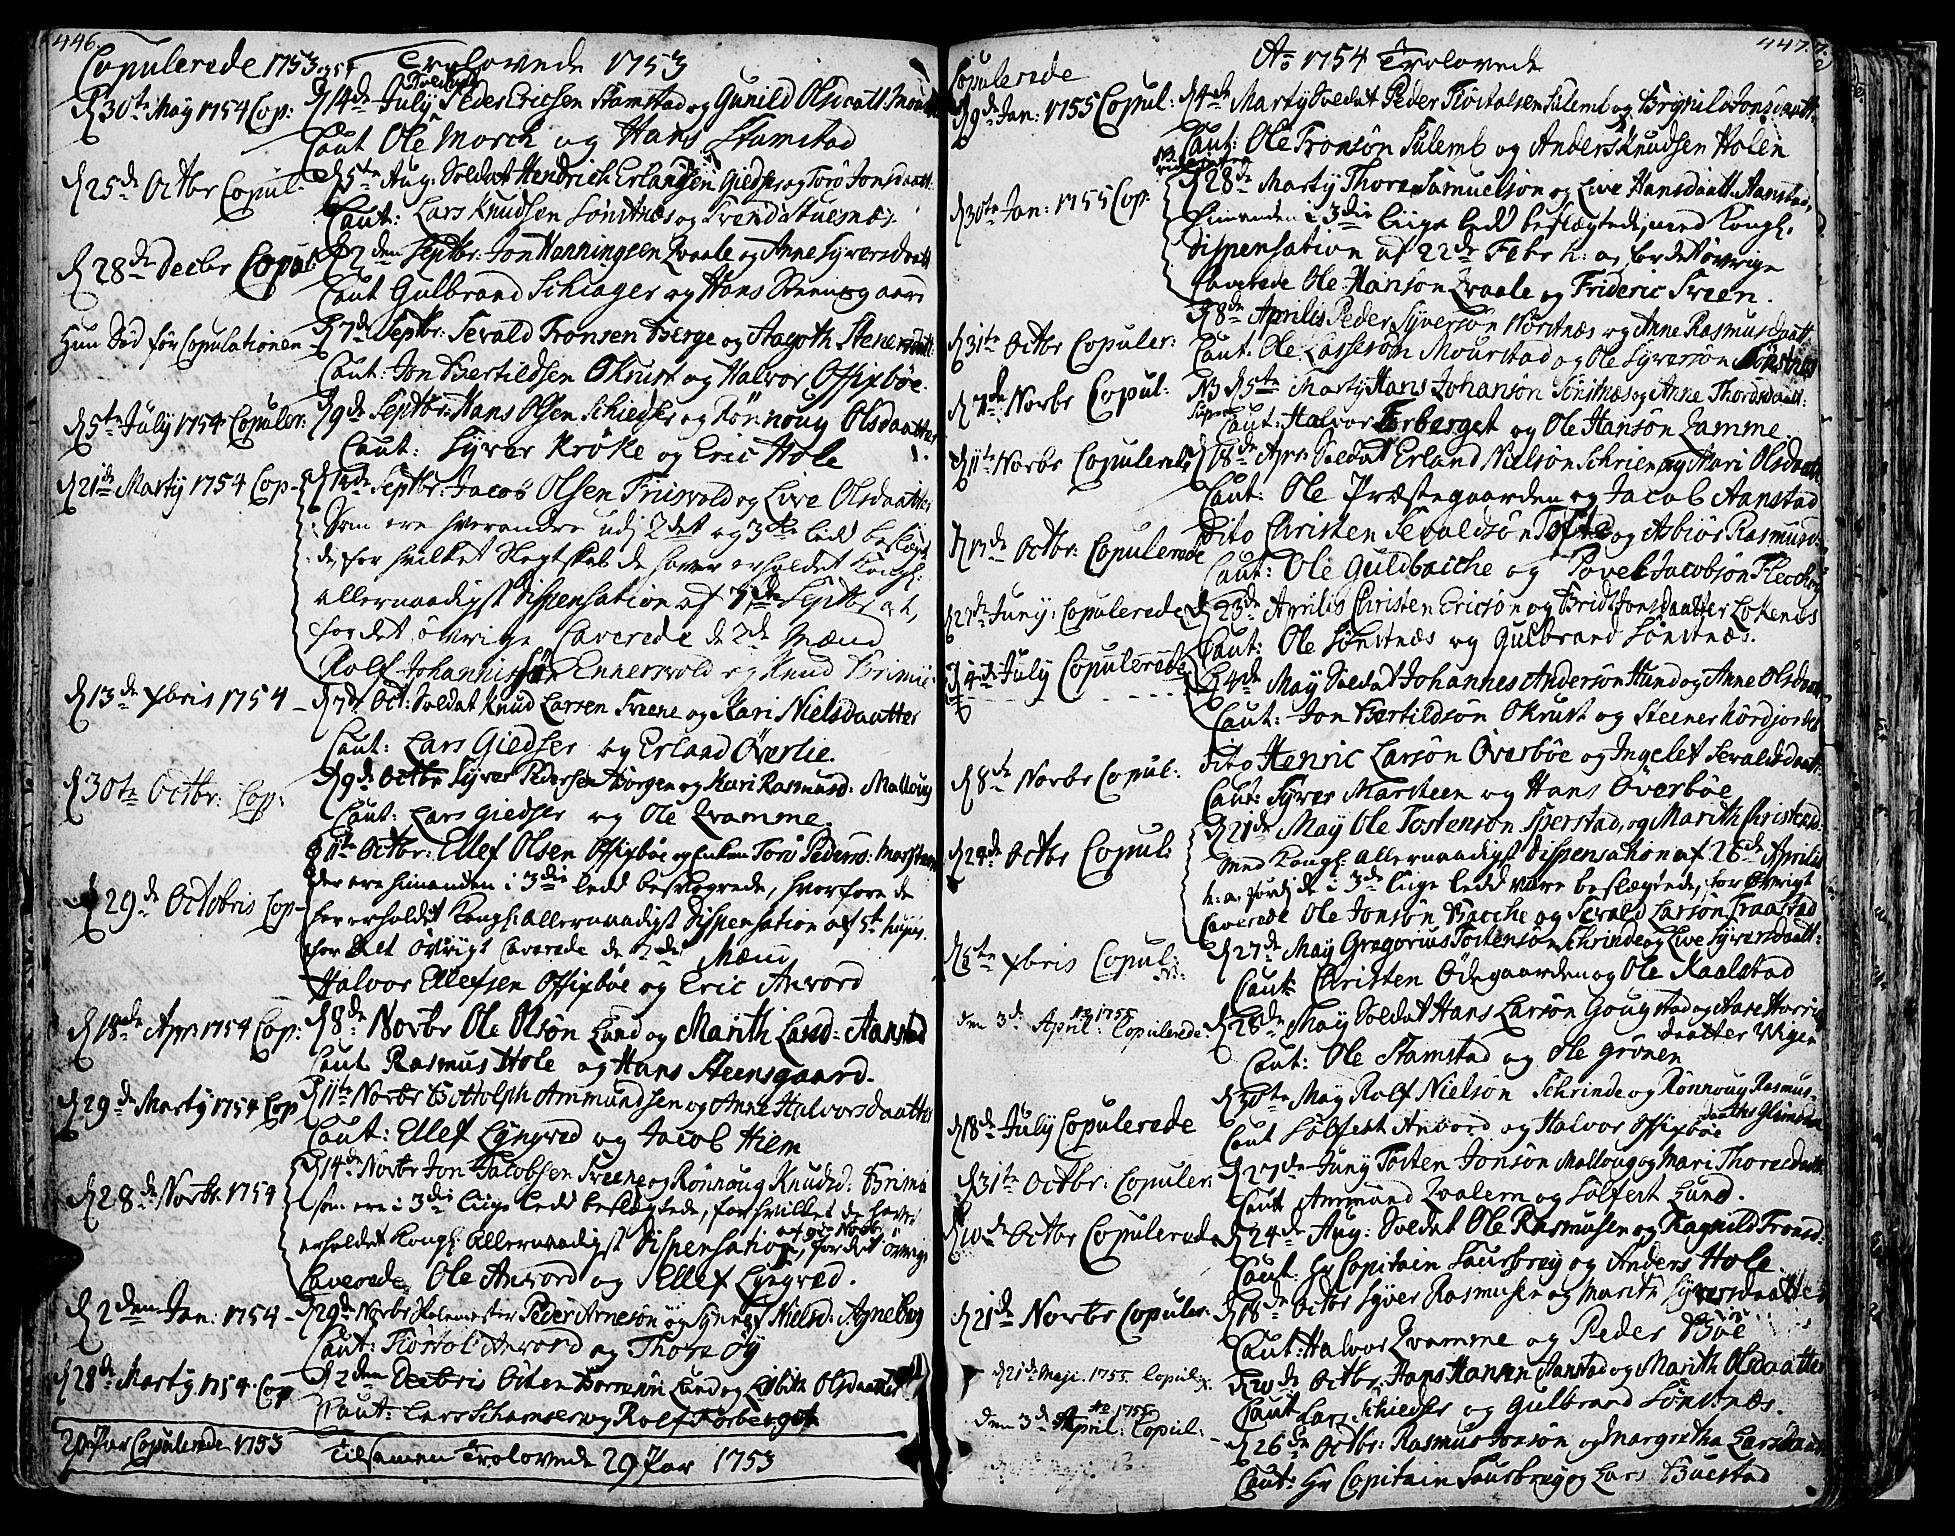 SAH, Lom prestekontor, K/L0002: Ministerialbok nr. 2, 1749-1801, s. 446-447